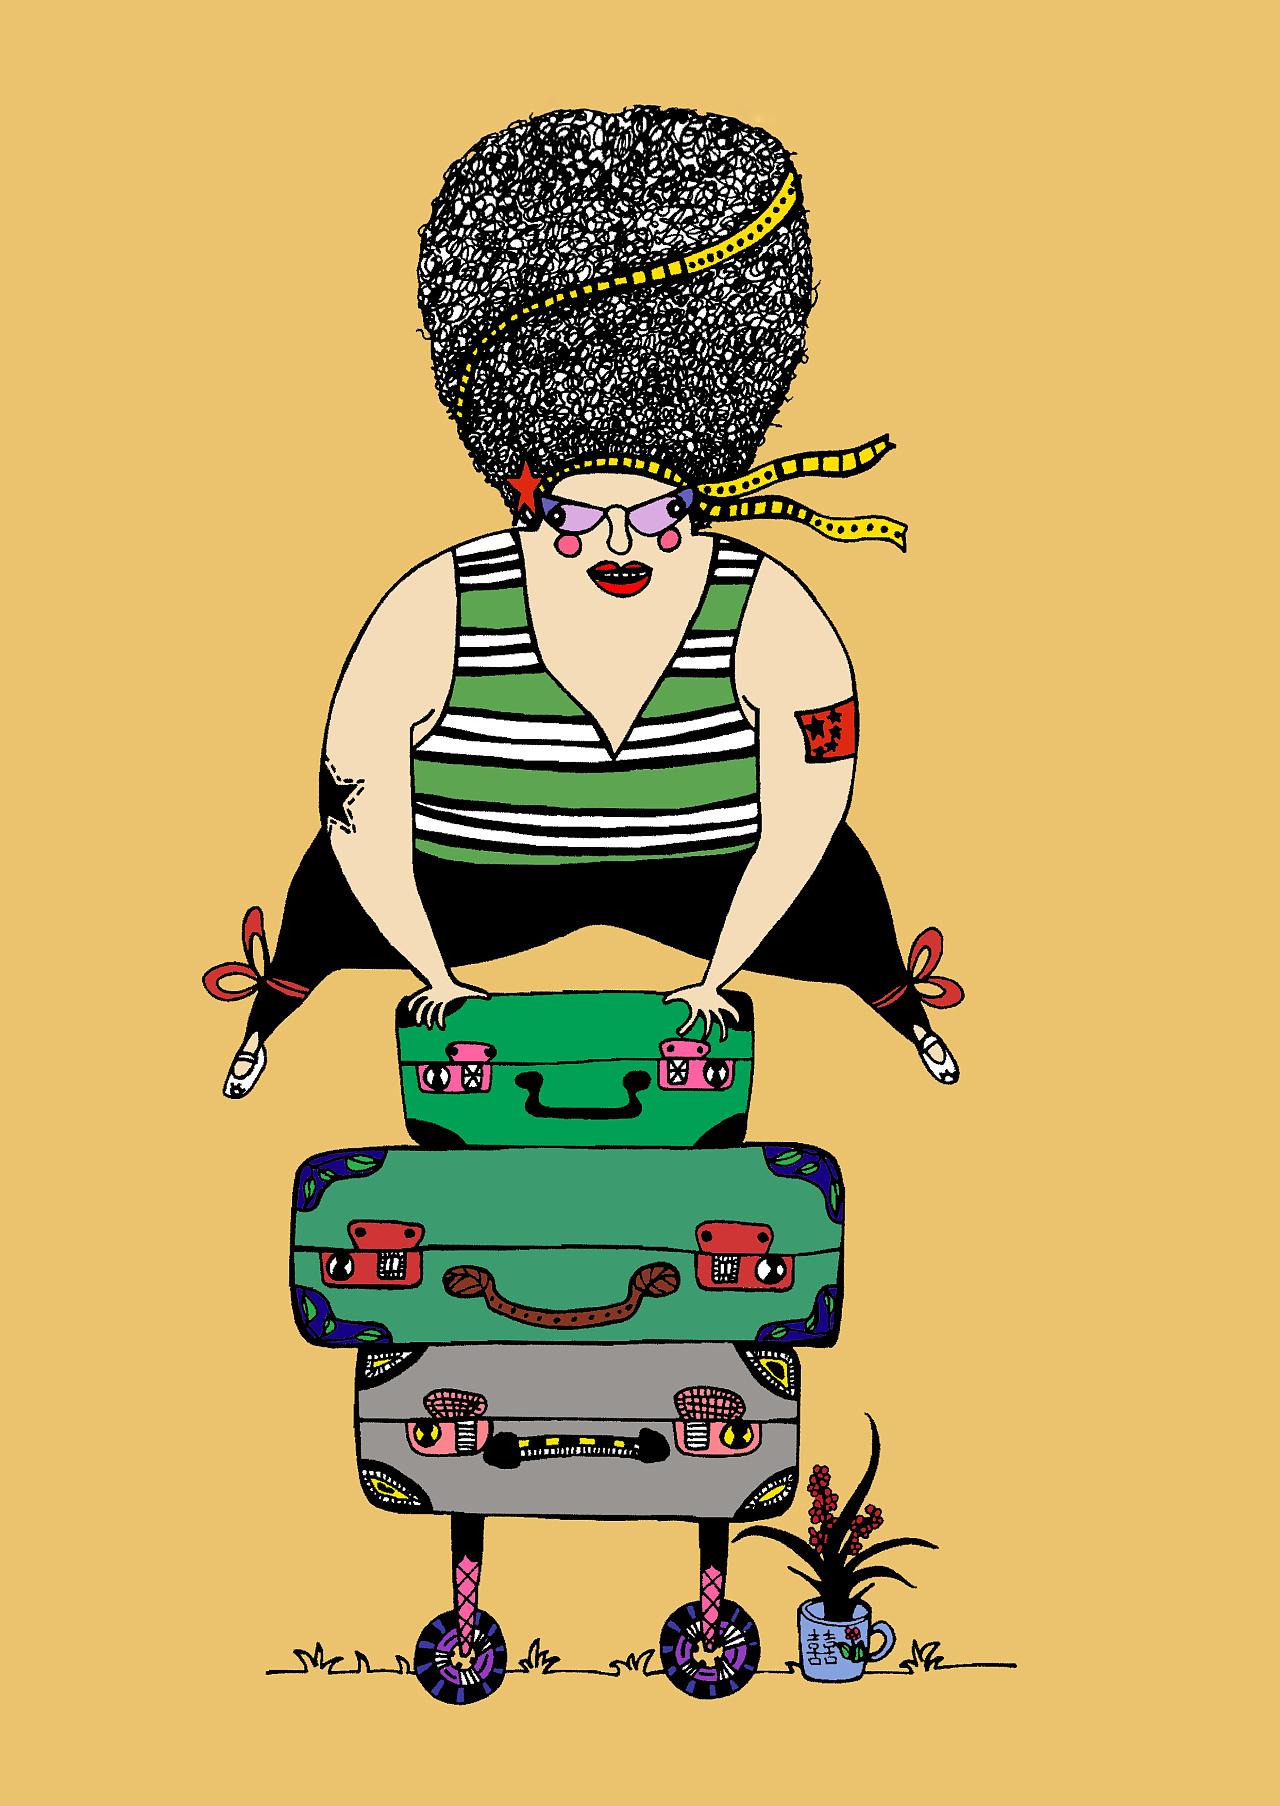 白布鞋_动感八零|平面|图案|糖猫插画 - 原创作品 - 站酷 (ZCOOL)